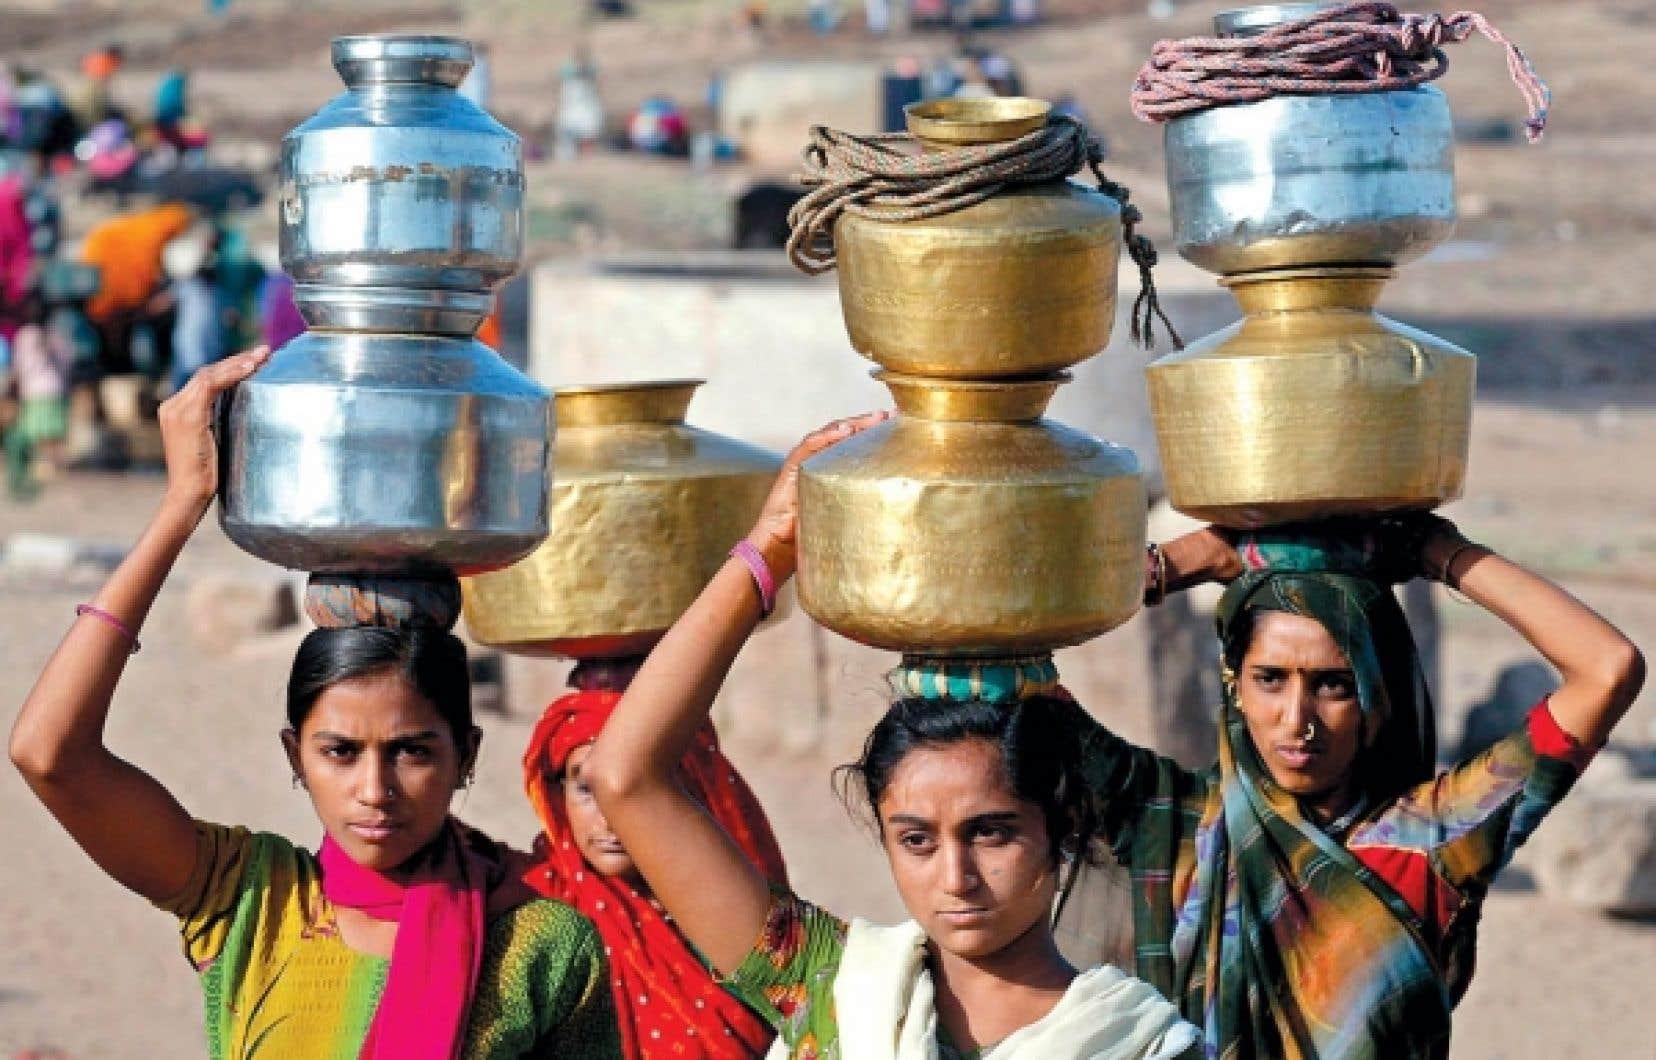 La discrimination envers les filles est incrustée dans la tradition de certaines sociétés, dont l'Inde.